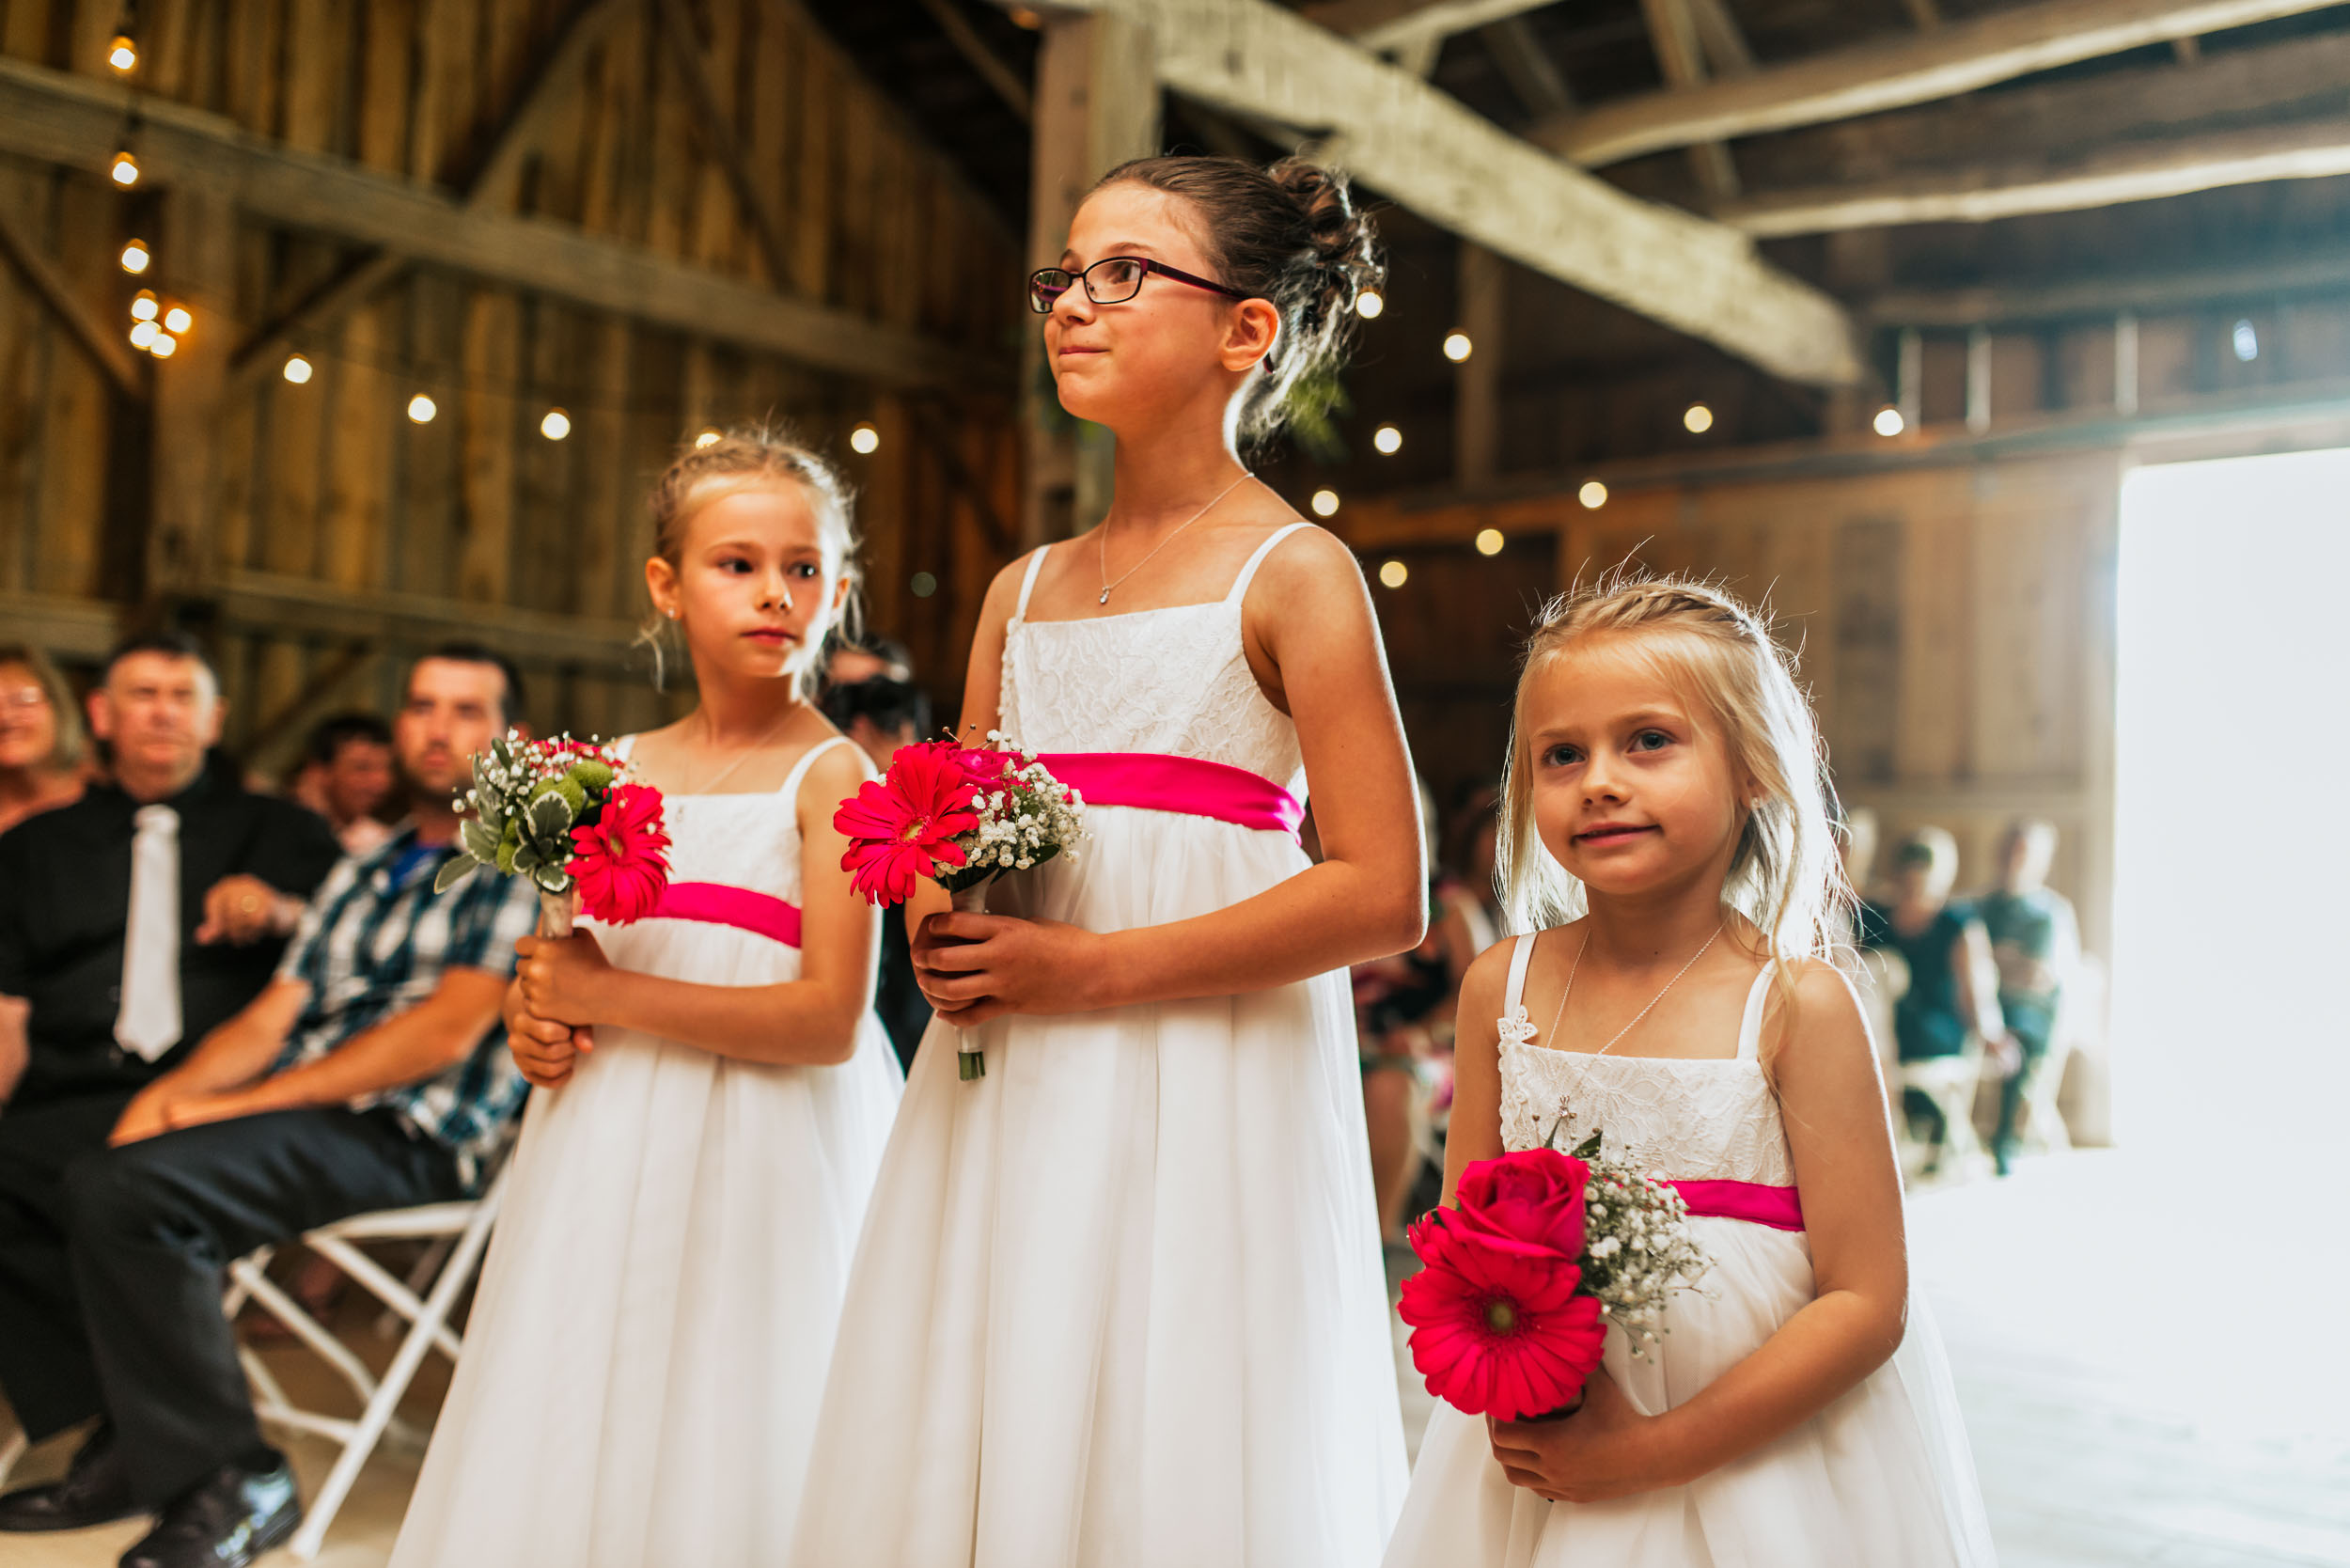 wedding-photography-stratford-davidiam-239.jpg